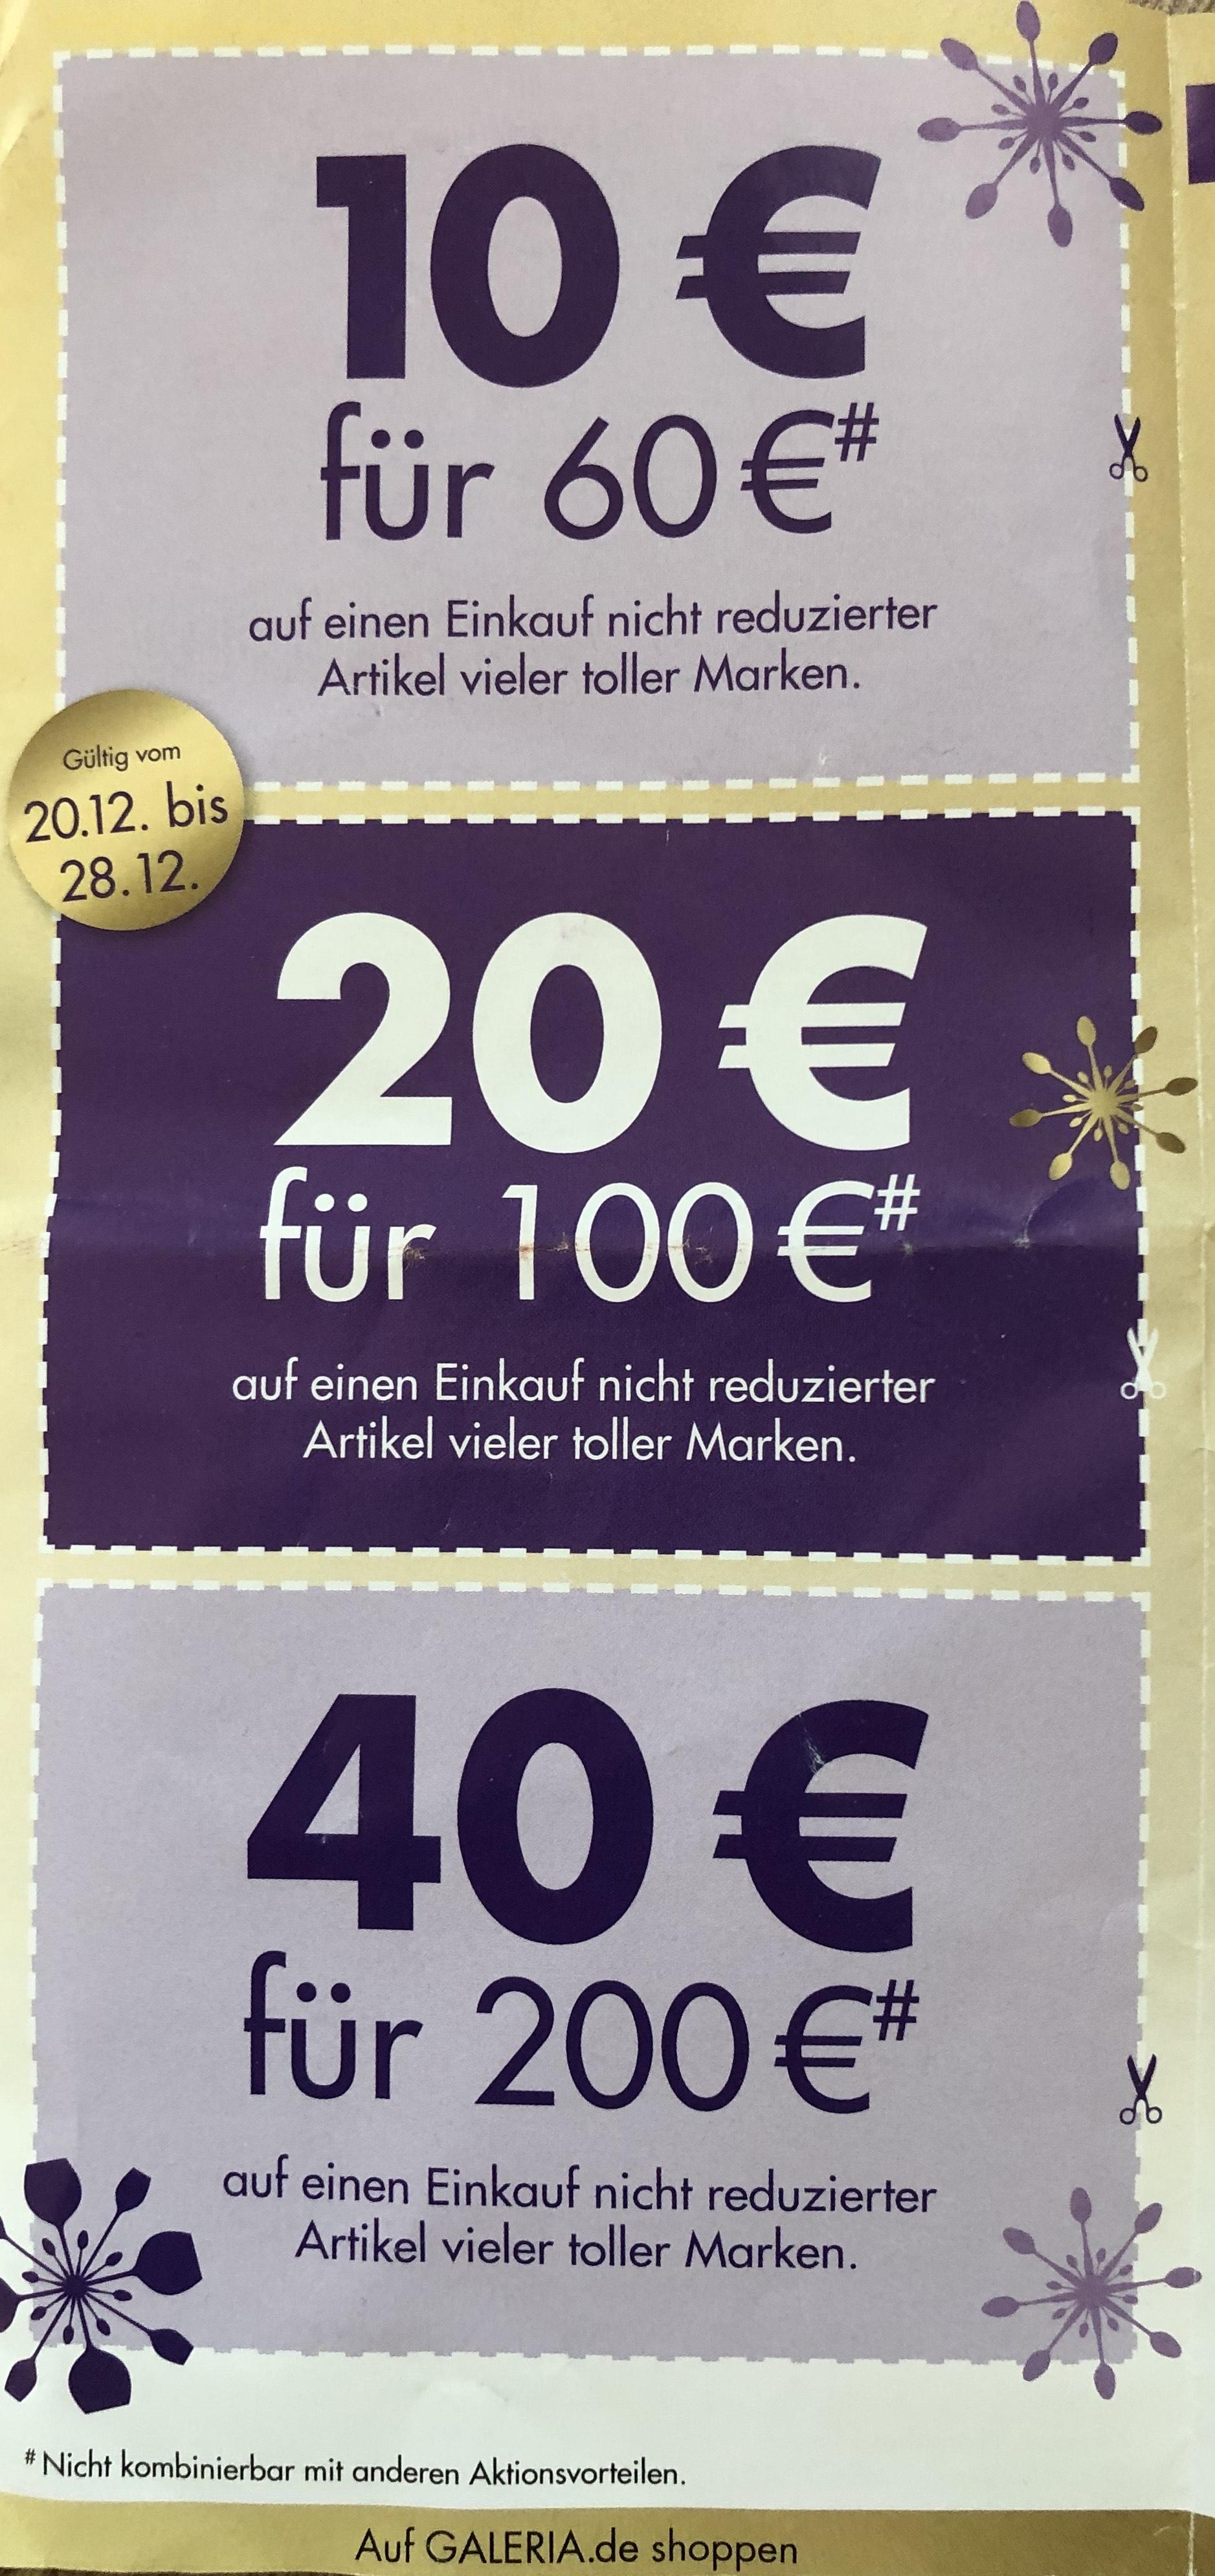 Karstadt: 10€ bei 60€ MBW, 20€ bei 100€, 40€ bei 200€